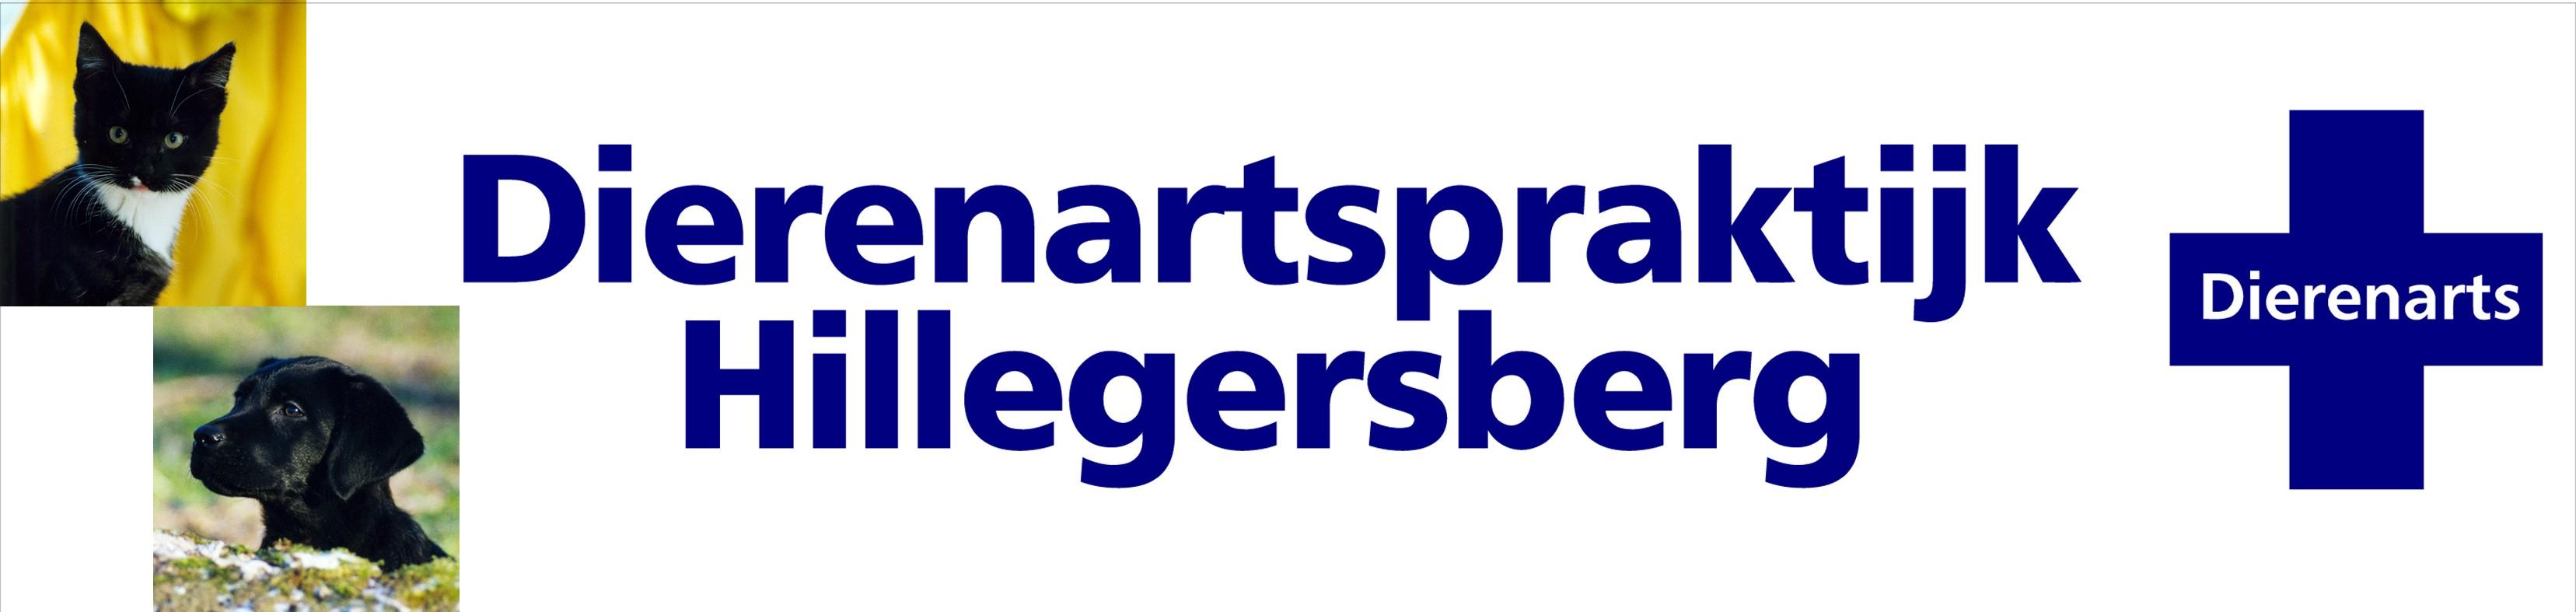 Dierenartspraktijk Hillegersberg